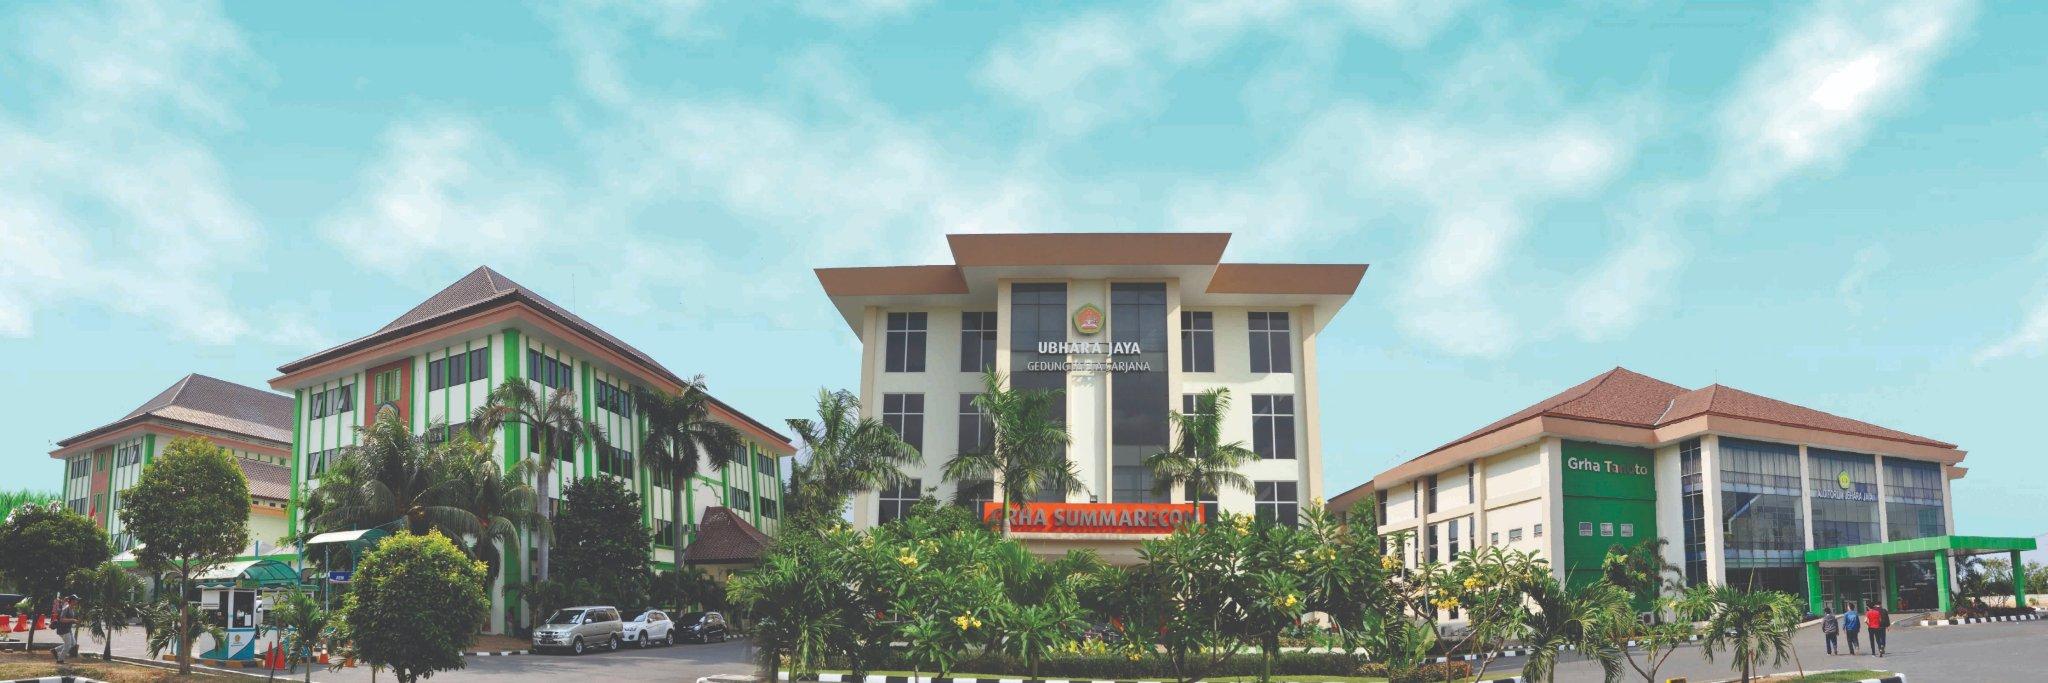 Universitas Bhayangkara Jakarta Raya's official Twitter account